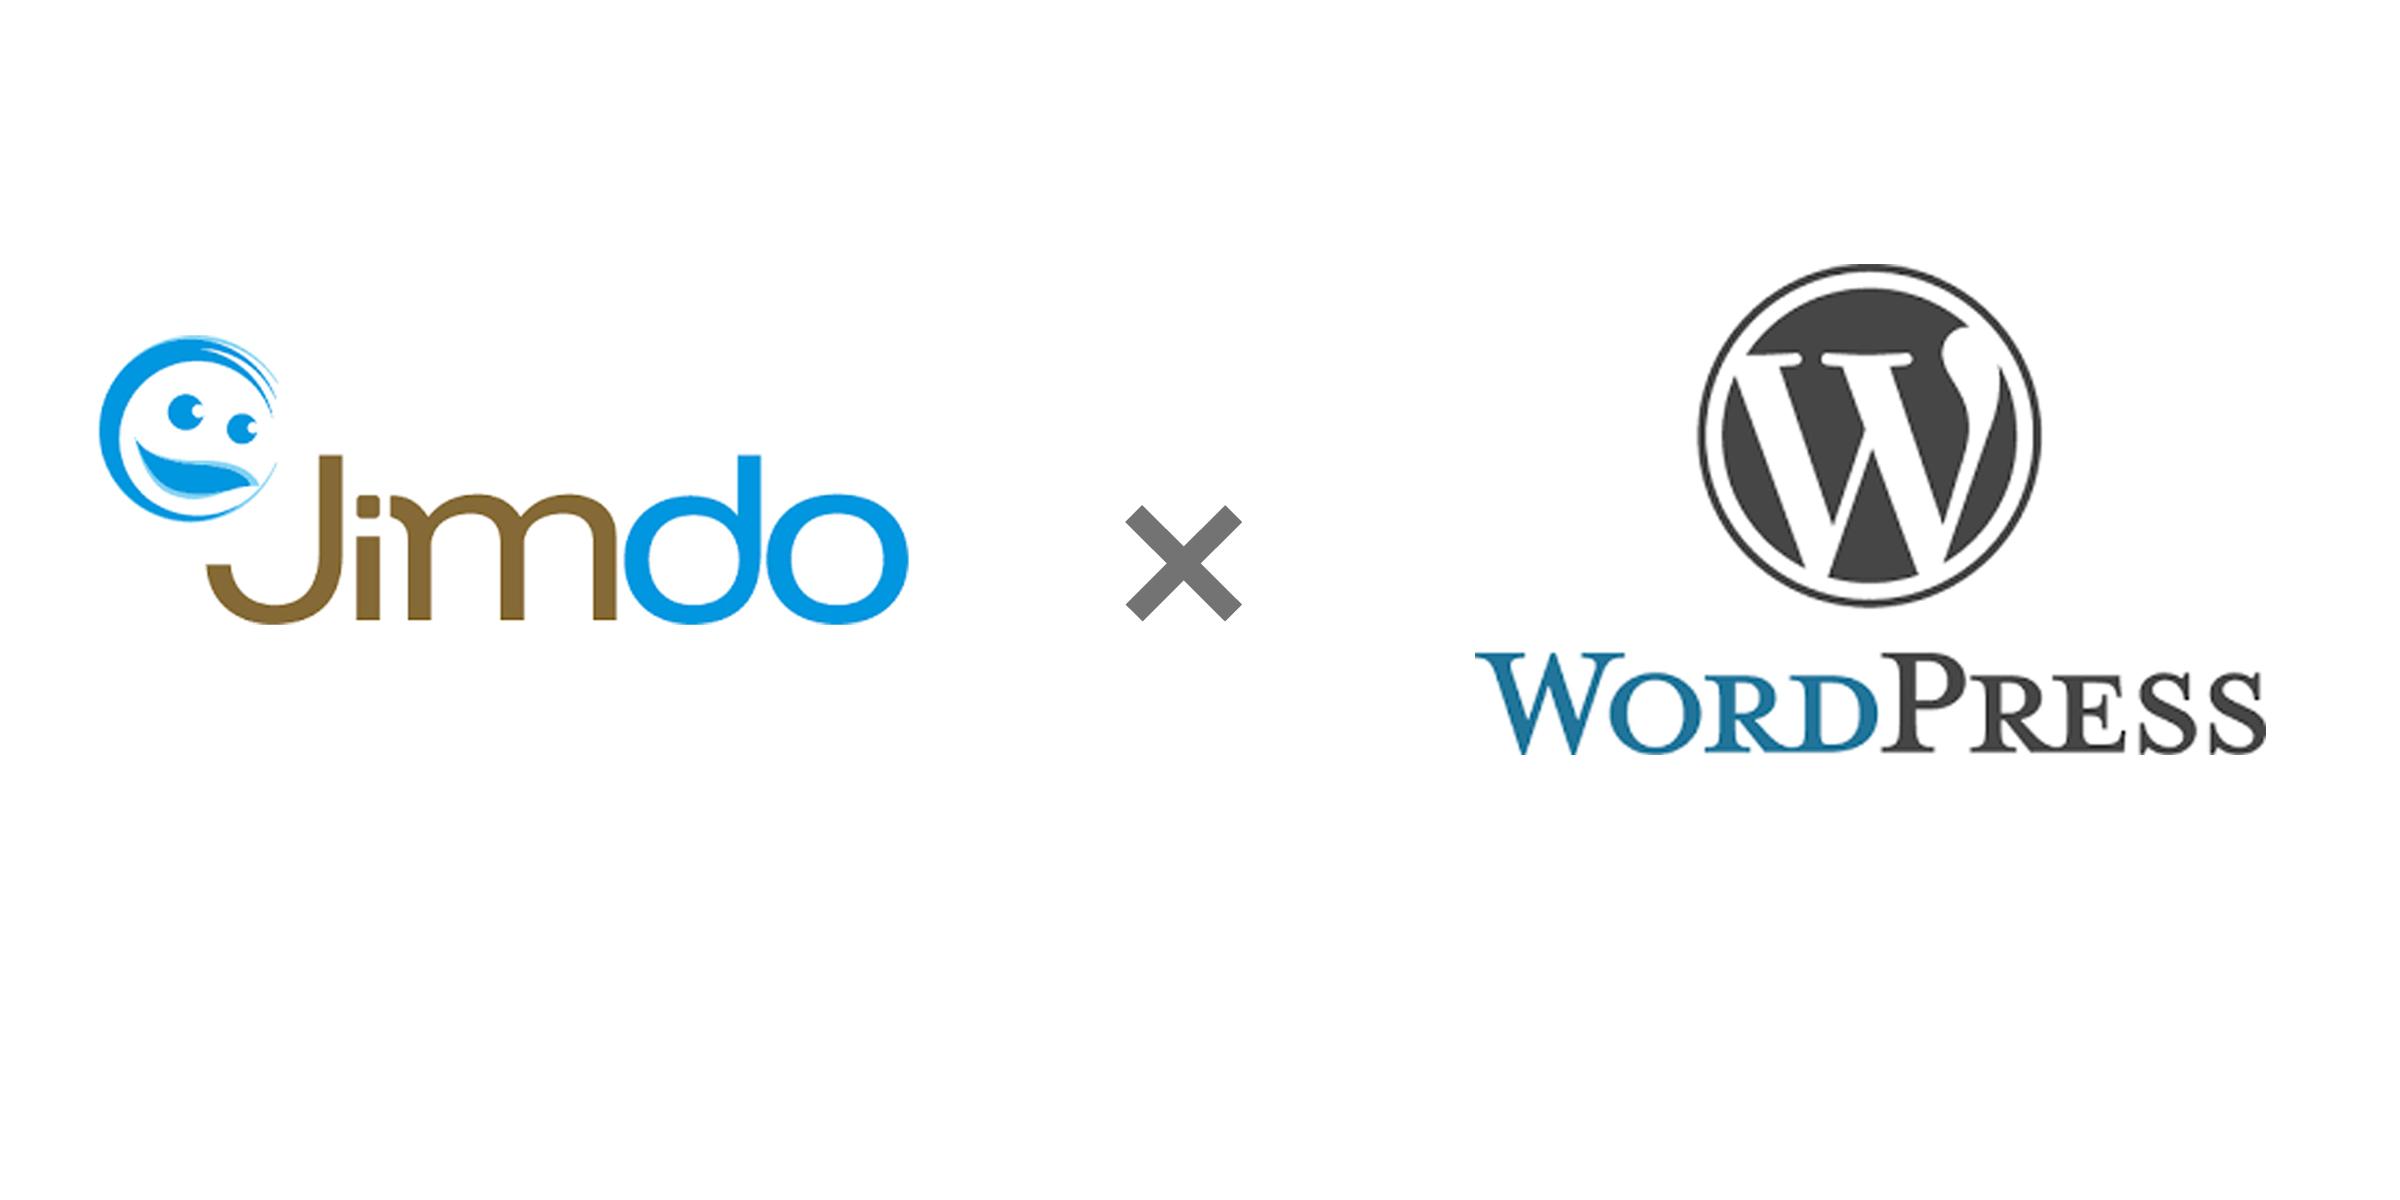 ワードプレスって何?WordPressとJimdoのホームページ作成比較